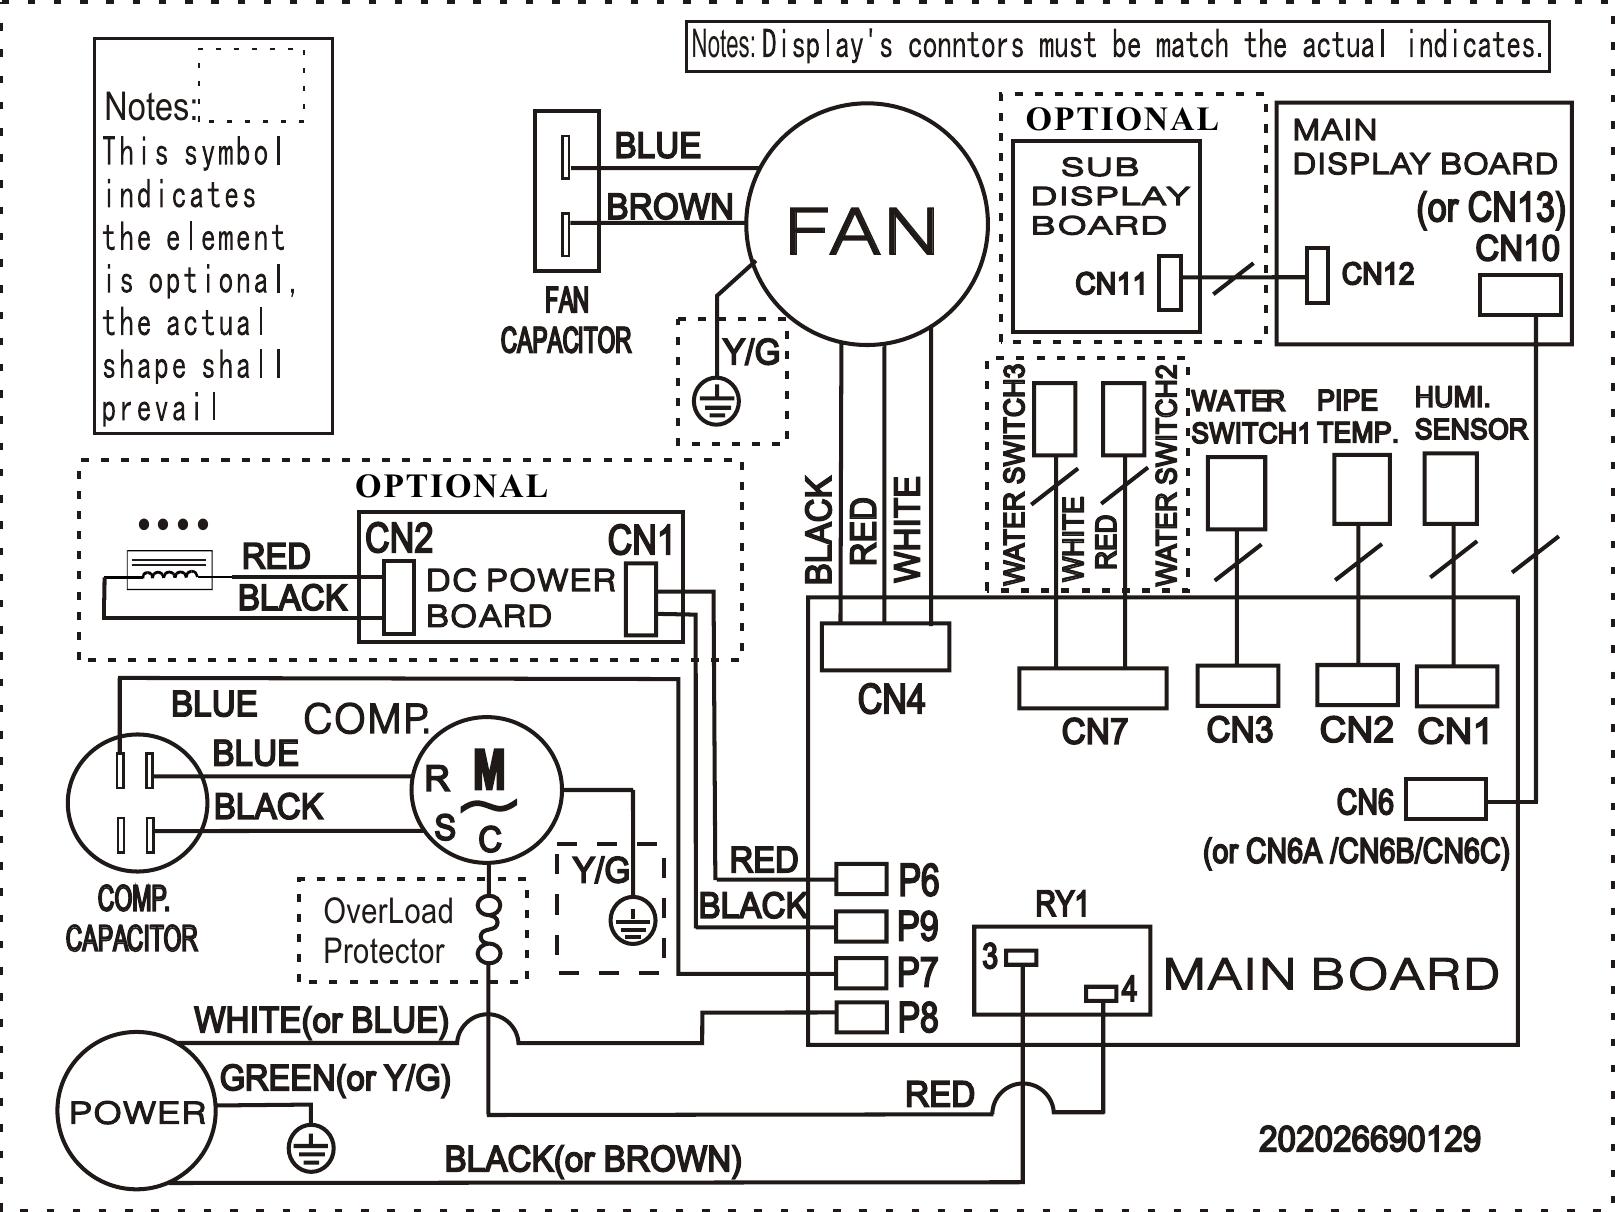 Frigidaire Fad504dwd Wiring Diagram Elus Cfz1 0bd N1 Fa D 05 1